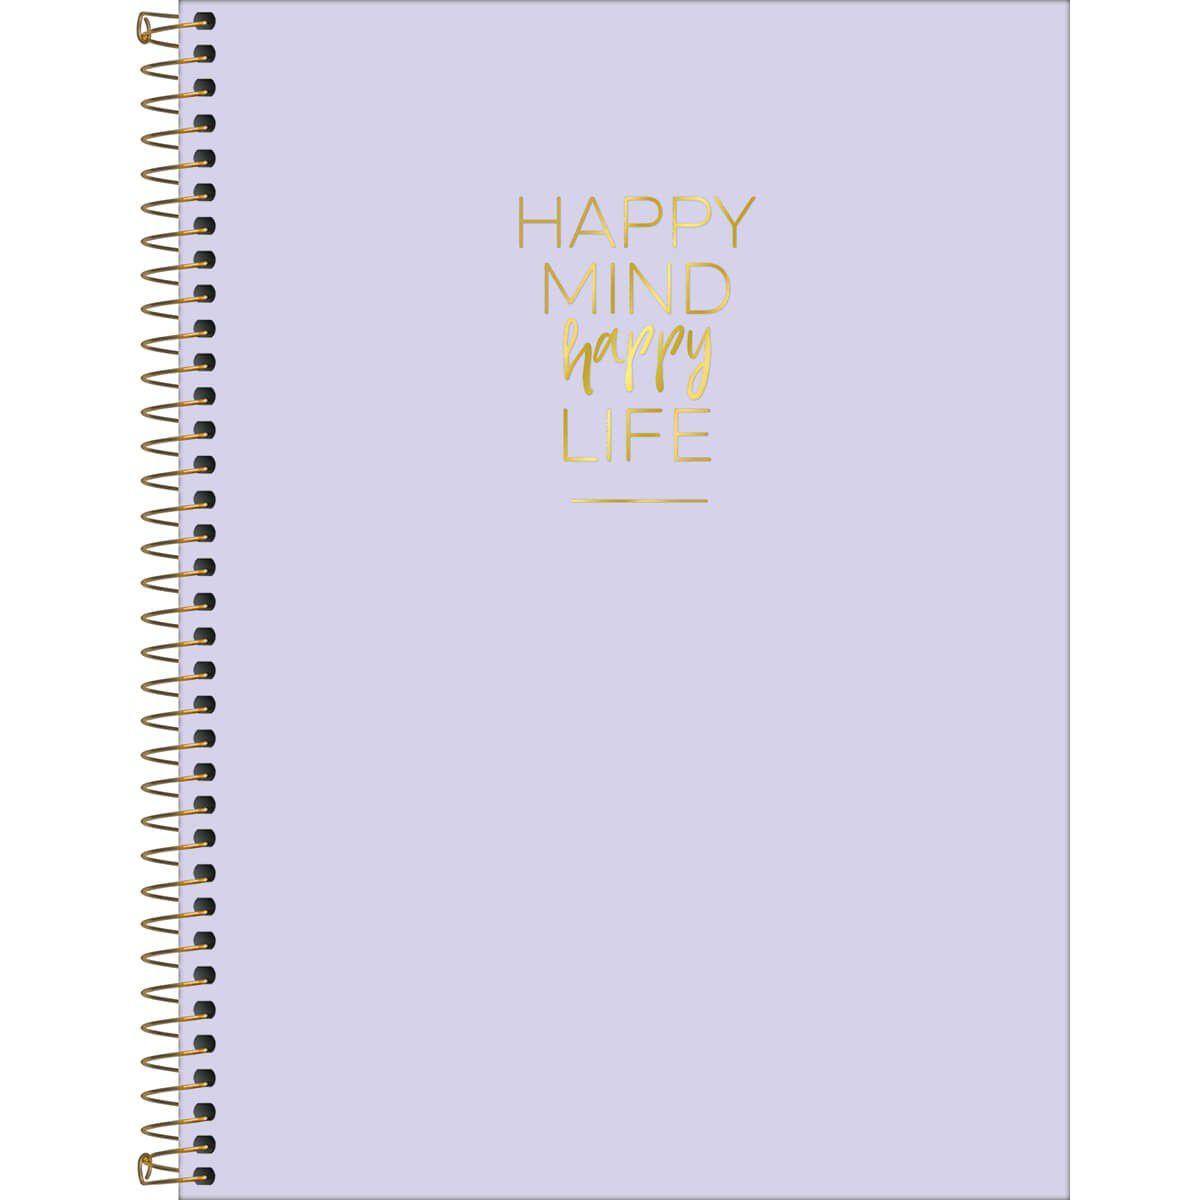 Caderno colegial 10 matérias 160 fls lilas Happy Tilibra